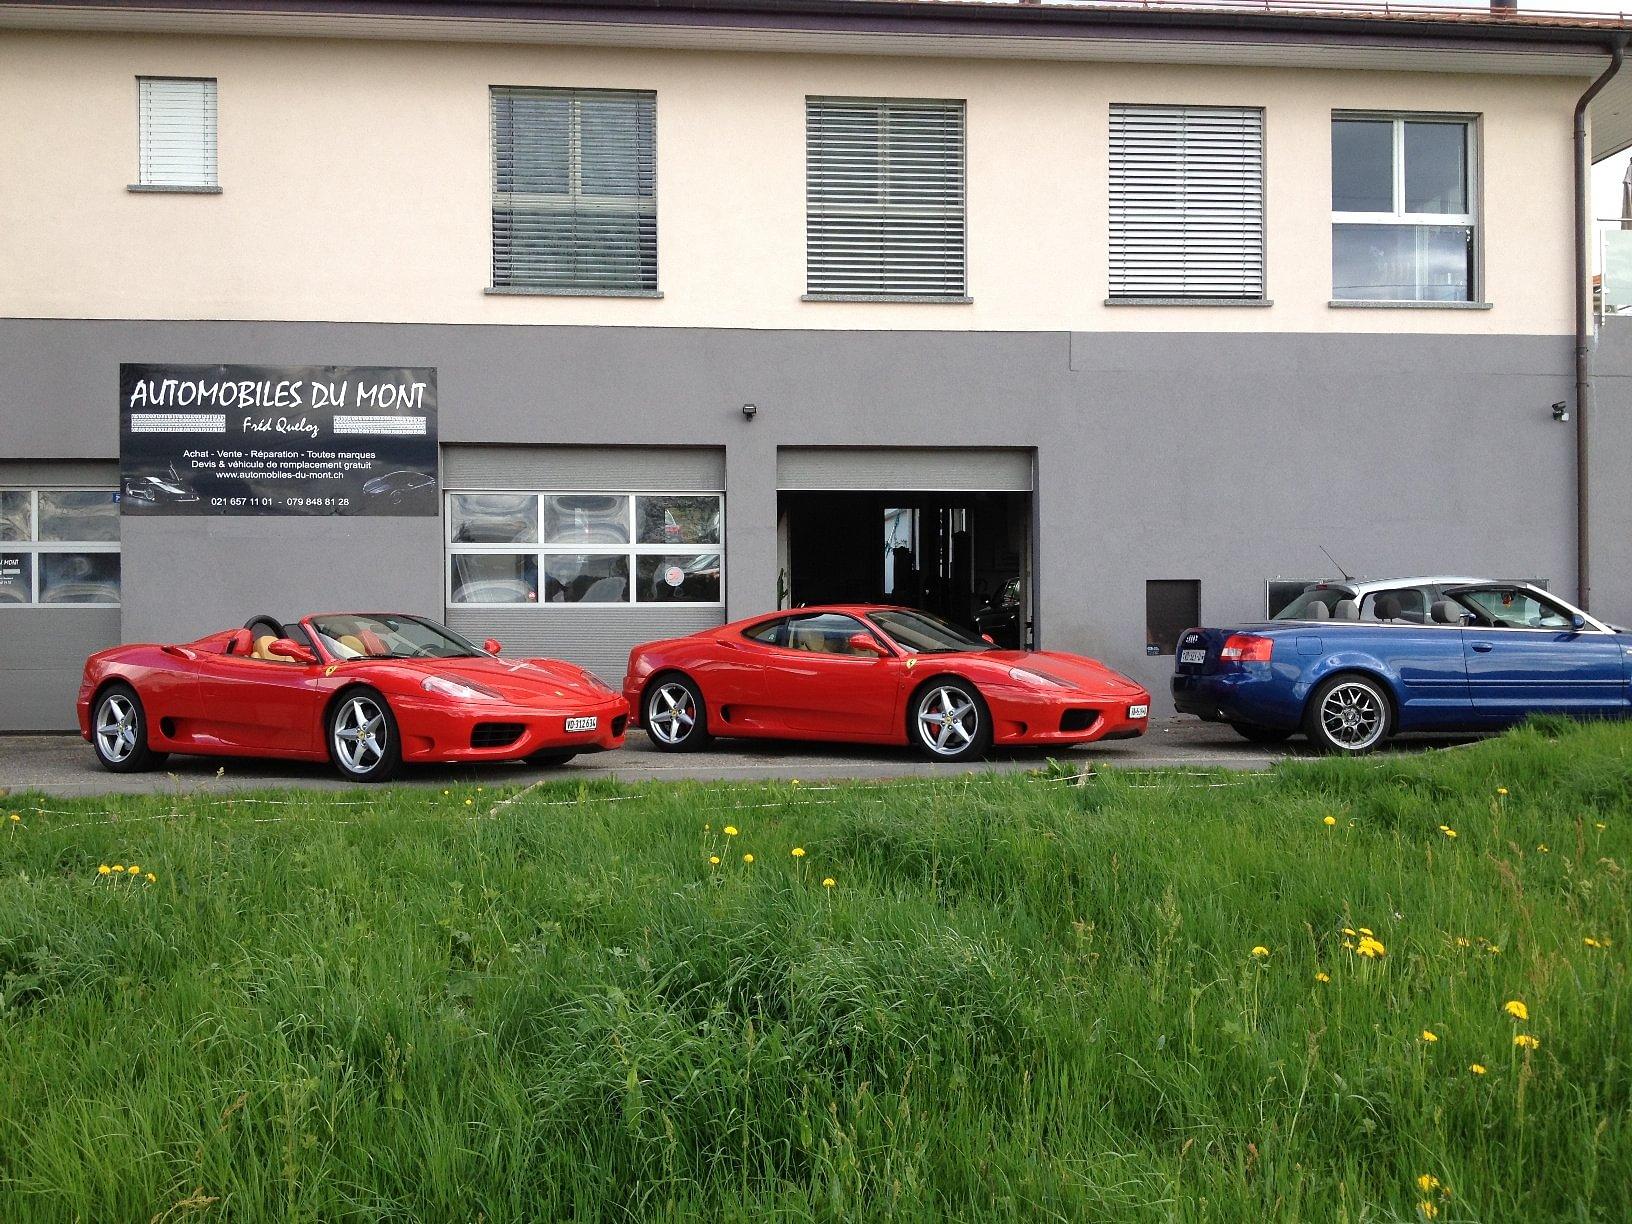 Automobiles du mont s rl le mont sur lausanne adresse for Garage ad avis